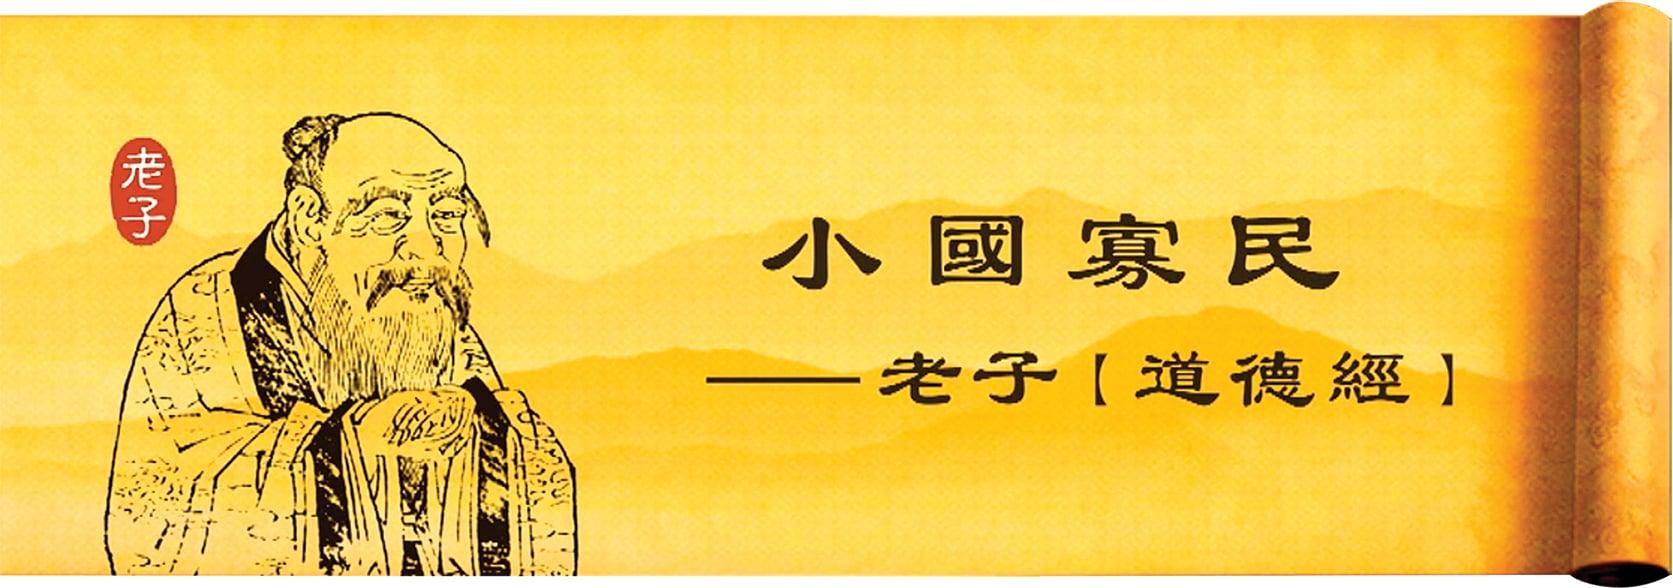 笑談風雲 : 【秦皇漢武】  第三十章 儒道之爭(1)